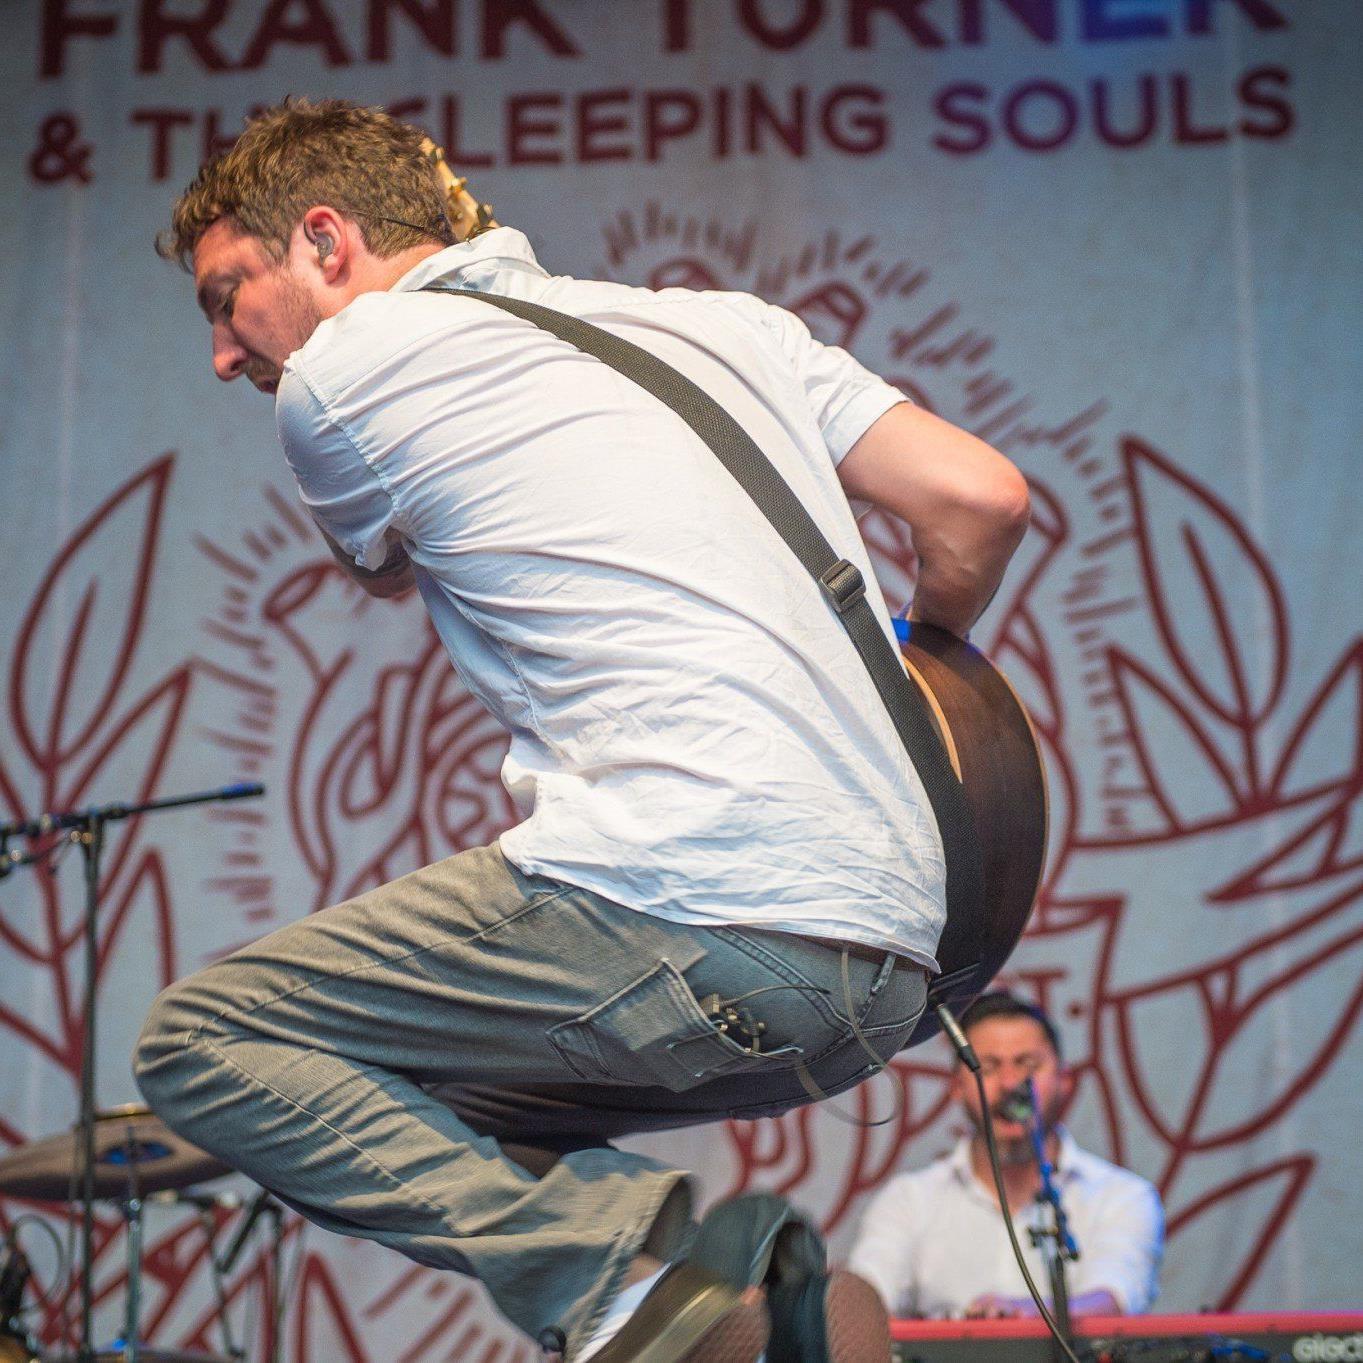 """Frank Turner & The Sleeping Soulds: Die letzten Herzen hat der Brite mit seinem im Vorarlberger Dialekt vorgetragenen Hit """"Eulogy"""" im Sturm erobert."""